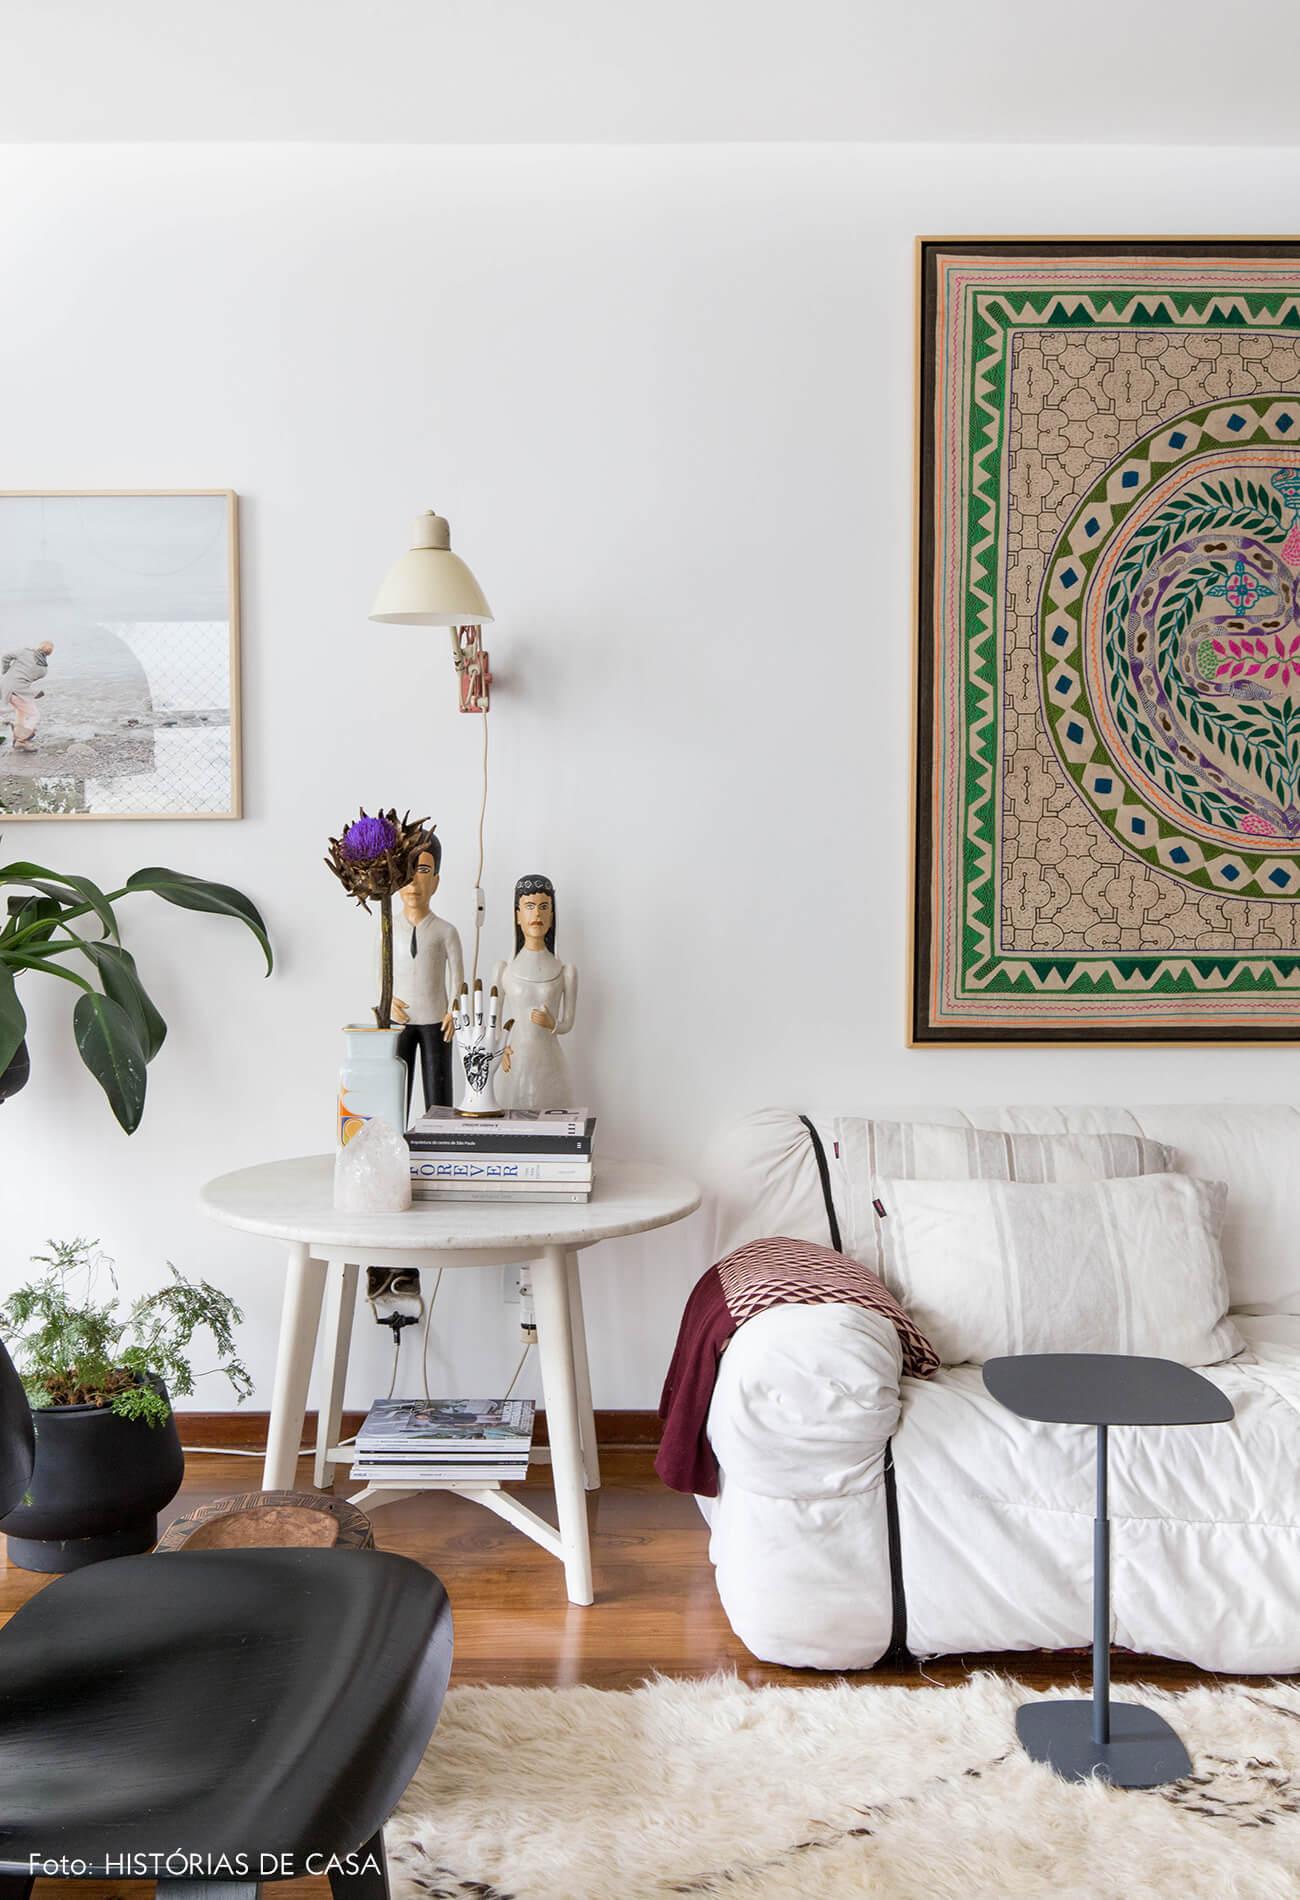 Sofá branco Strips, mesa lateral branca e objetos de arte popular